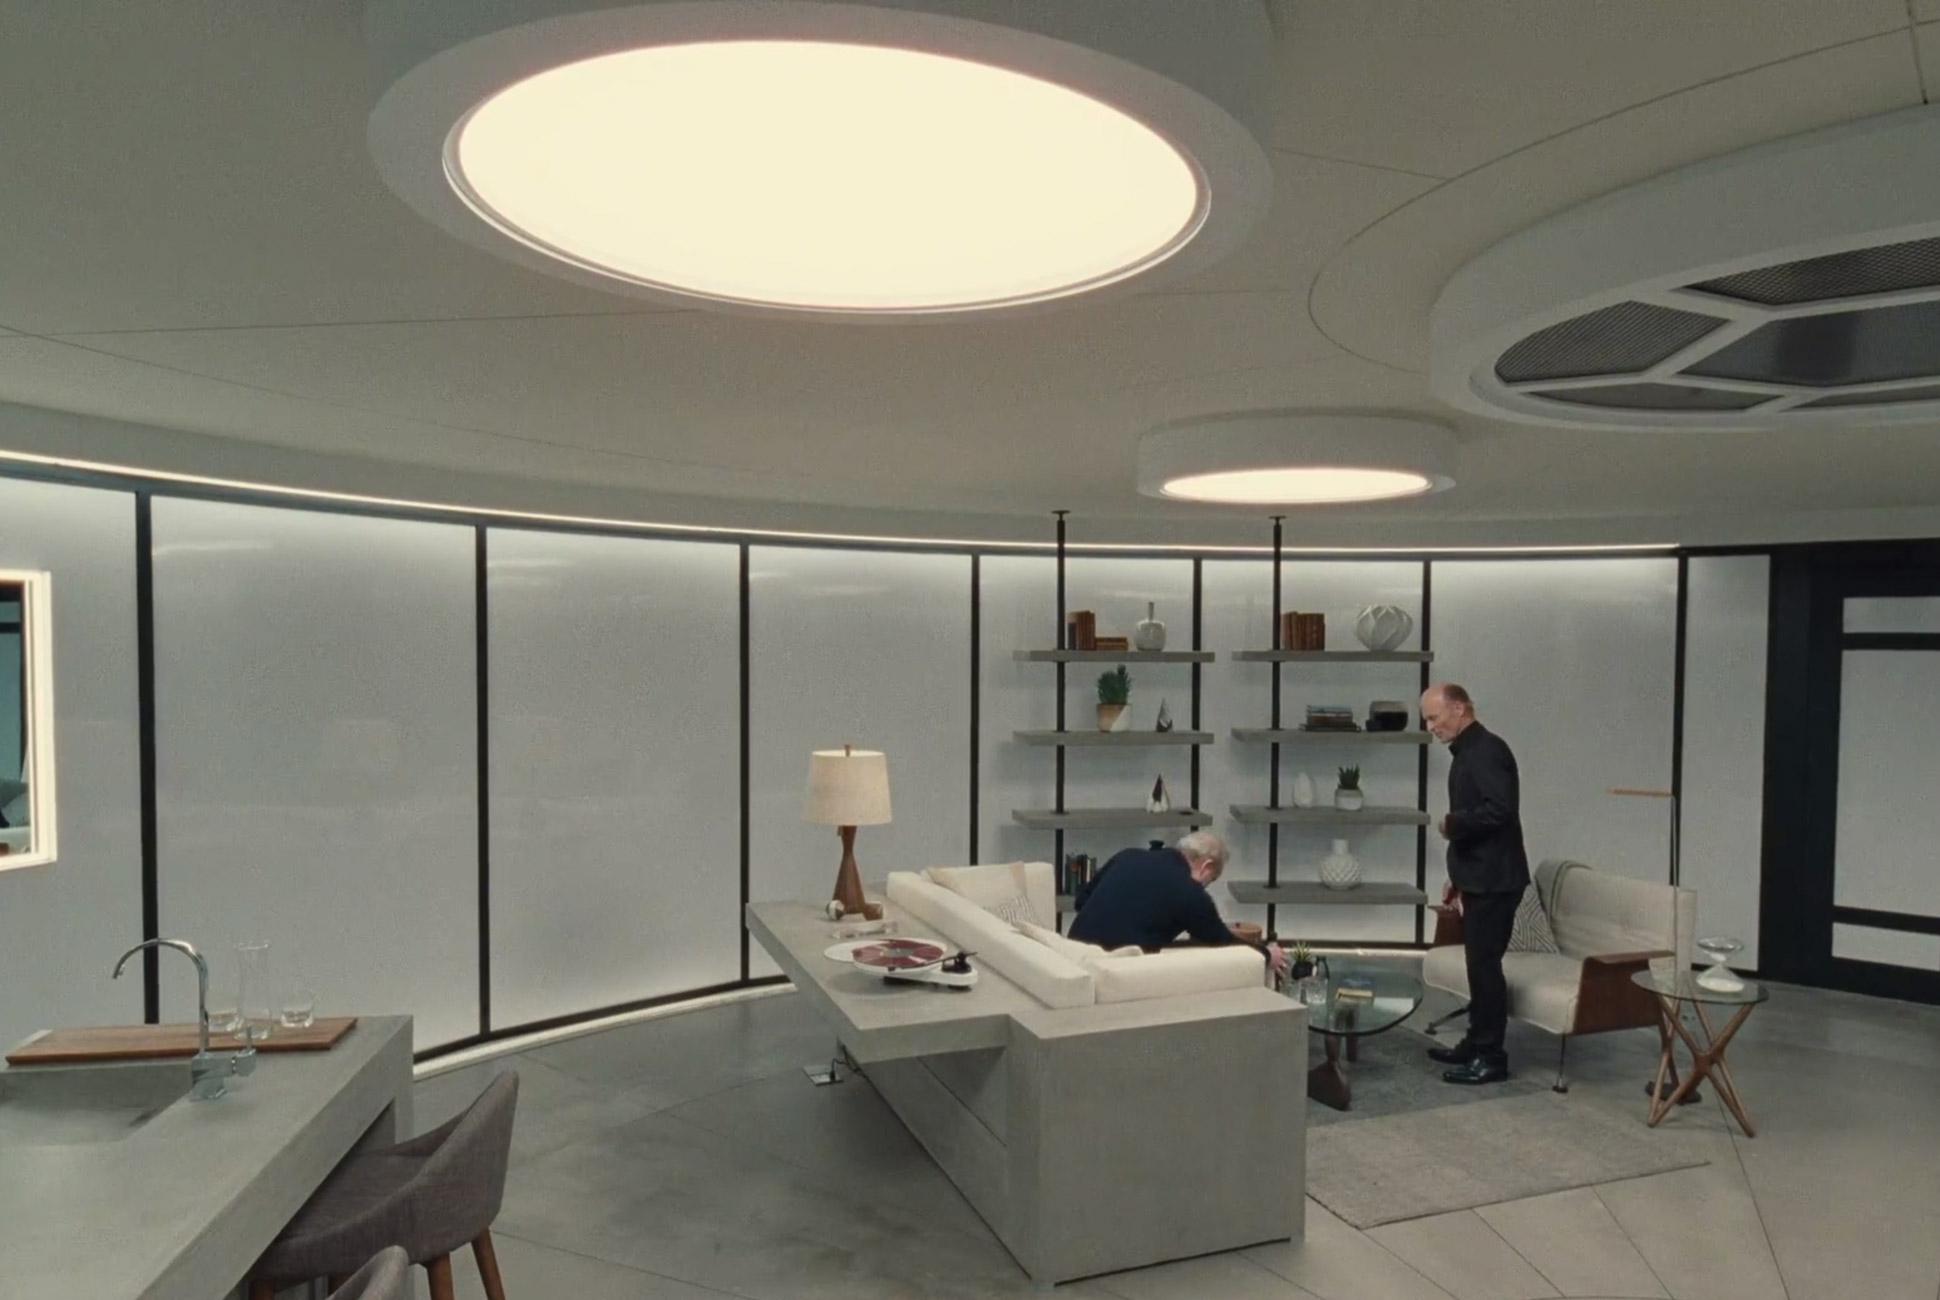 Westworld-Apartment-Gear-Patrol-Lead-Full.jpg